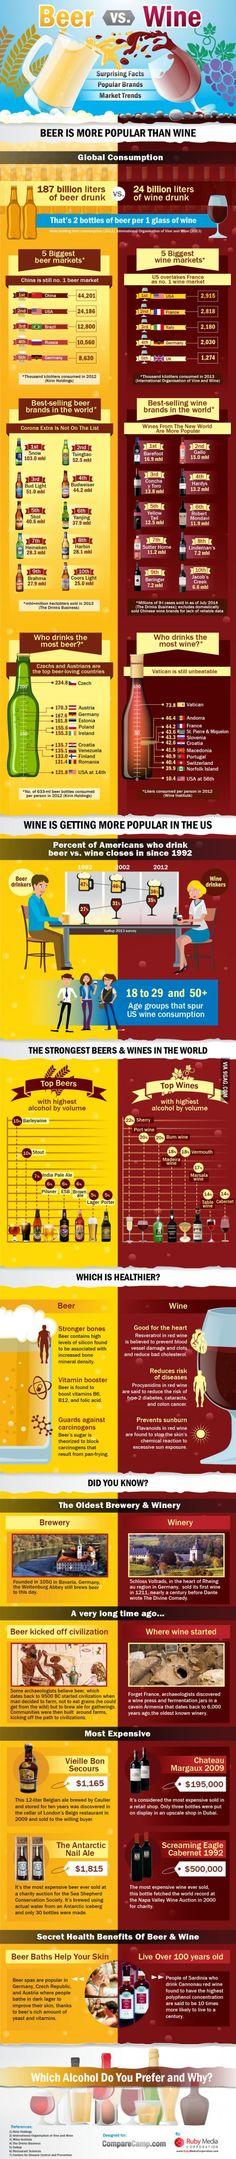 Beer vs wine infographic